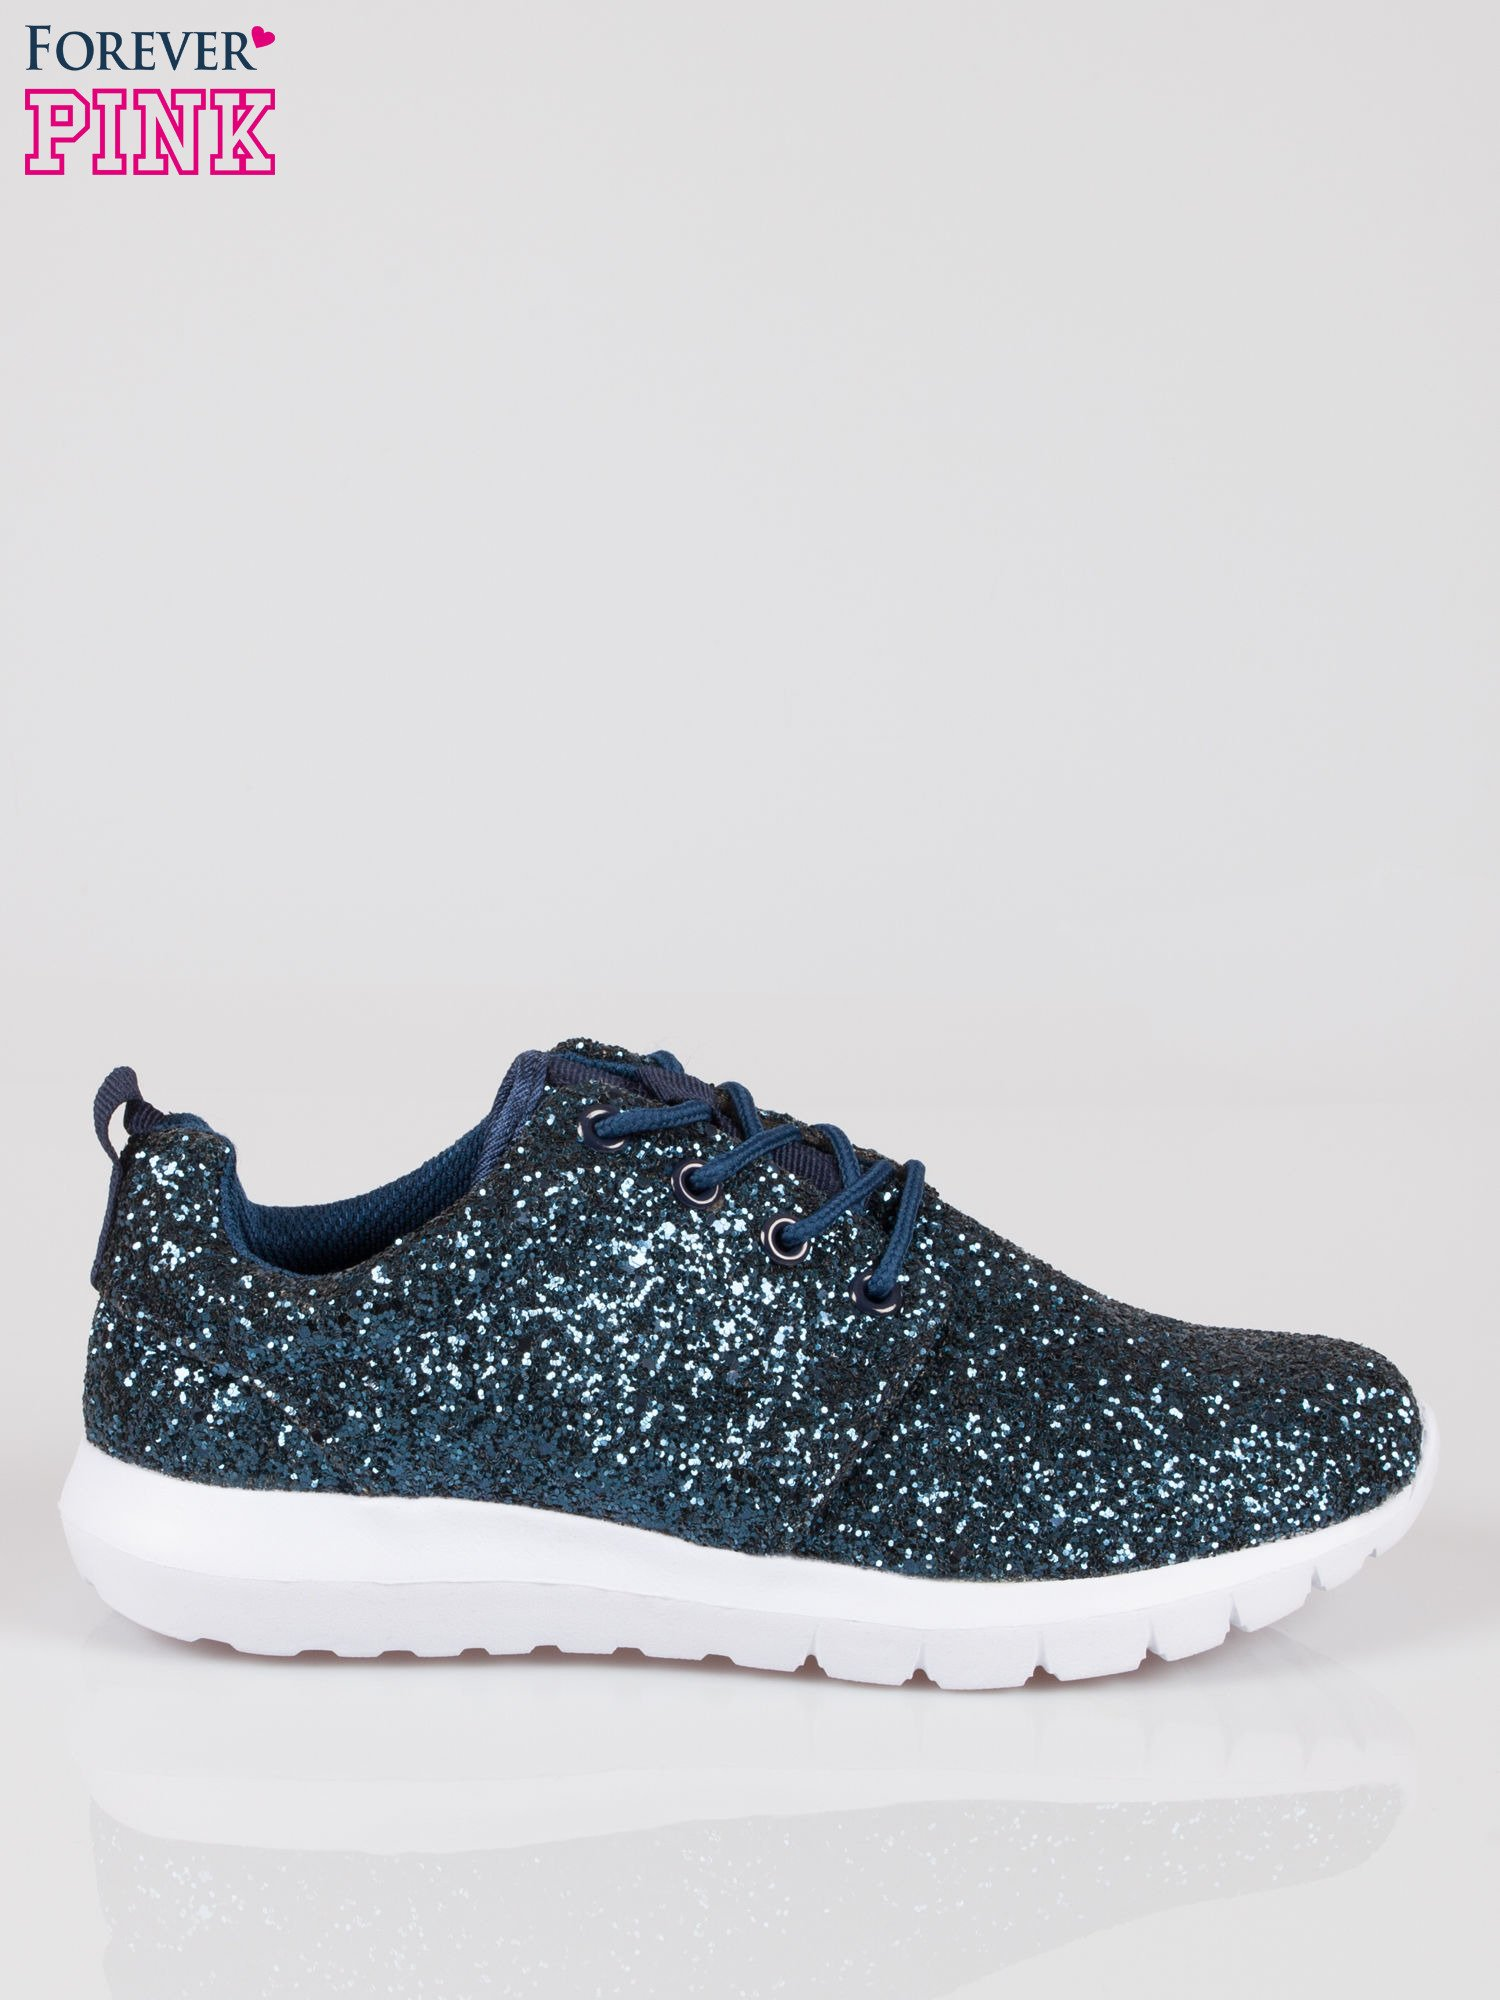 Granatowe buty sportowe textile Crummy z brokatowym efektem                                  zdj.                                  1